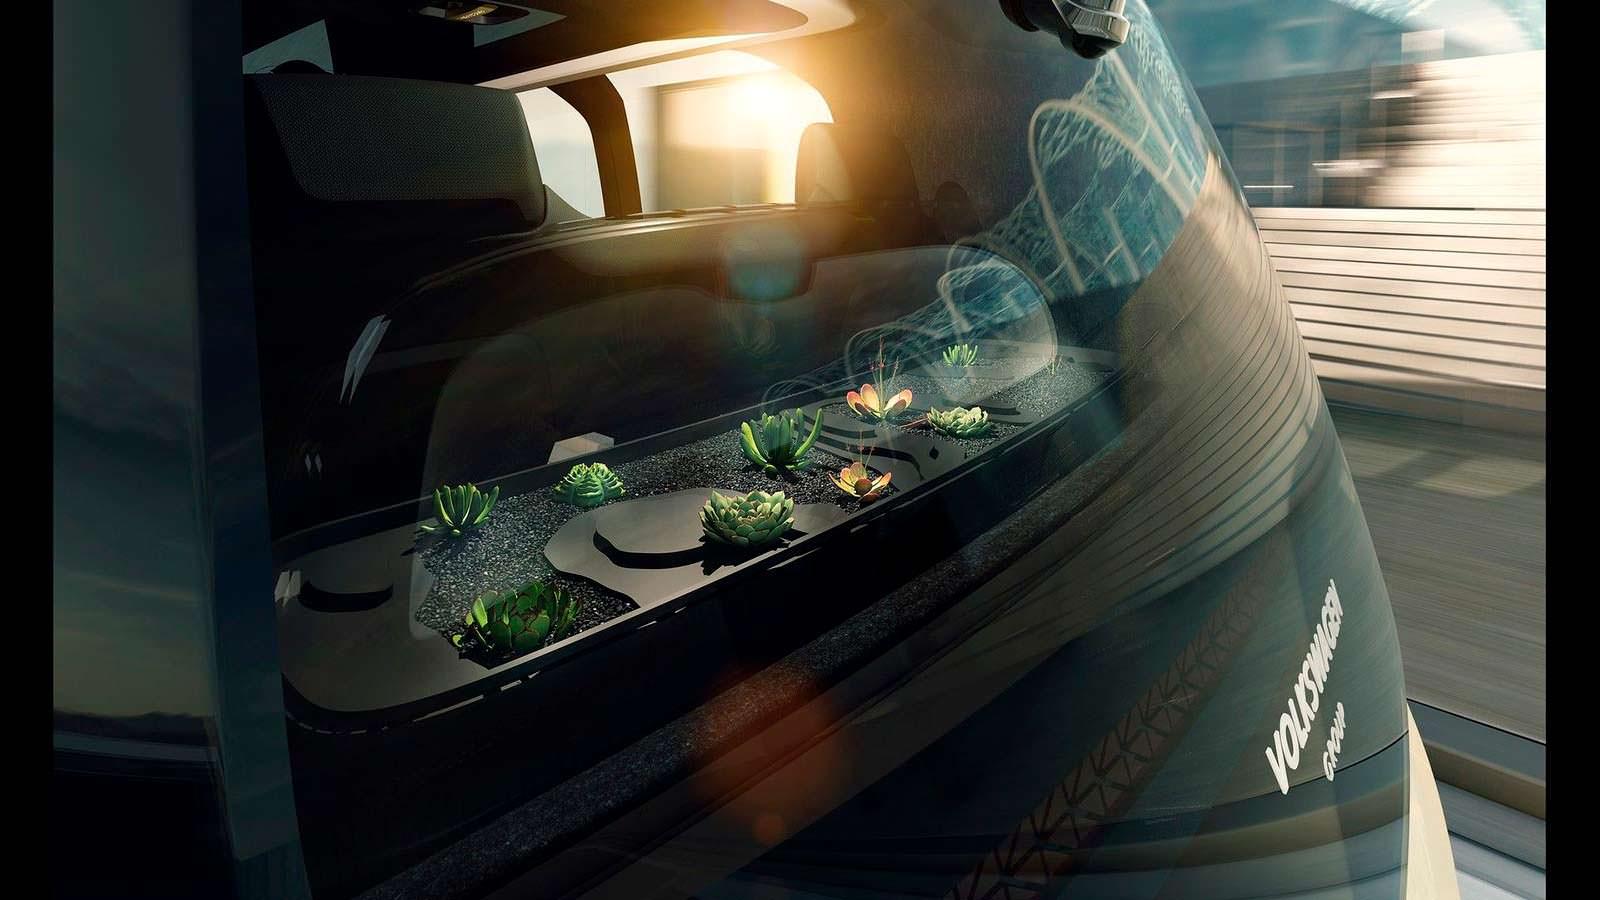 Концепт-кар Volkswagen Sedric